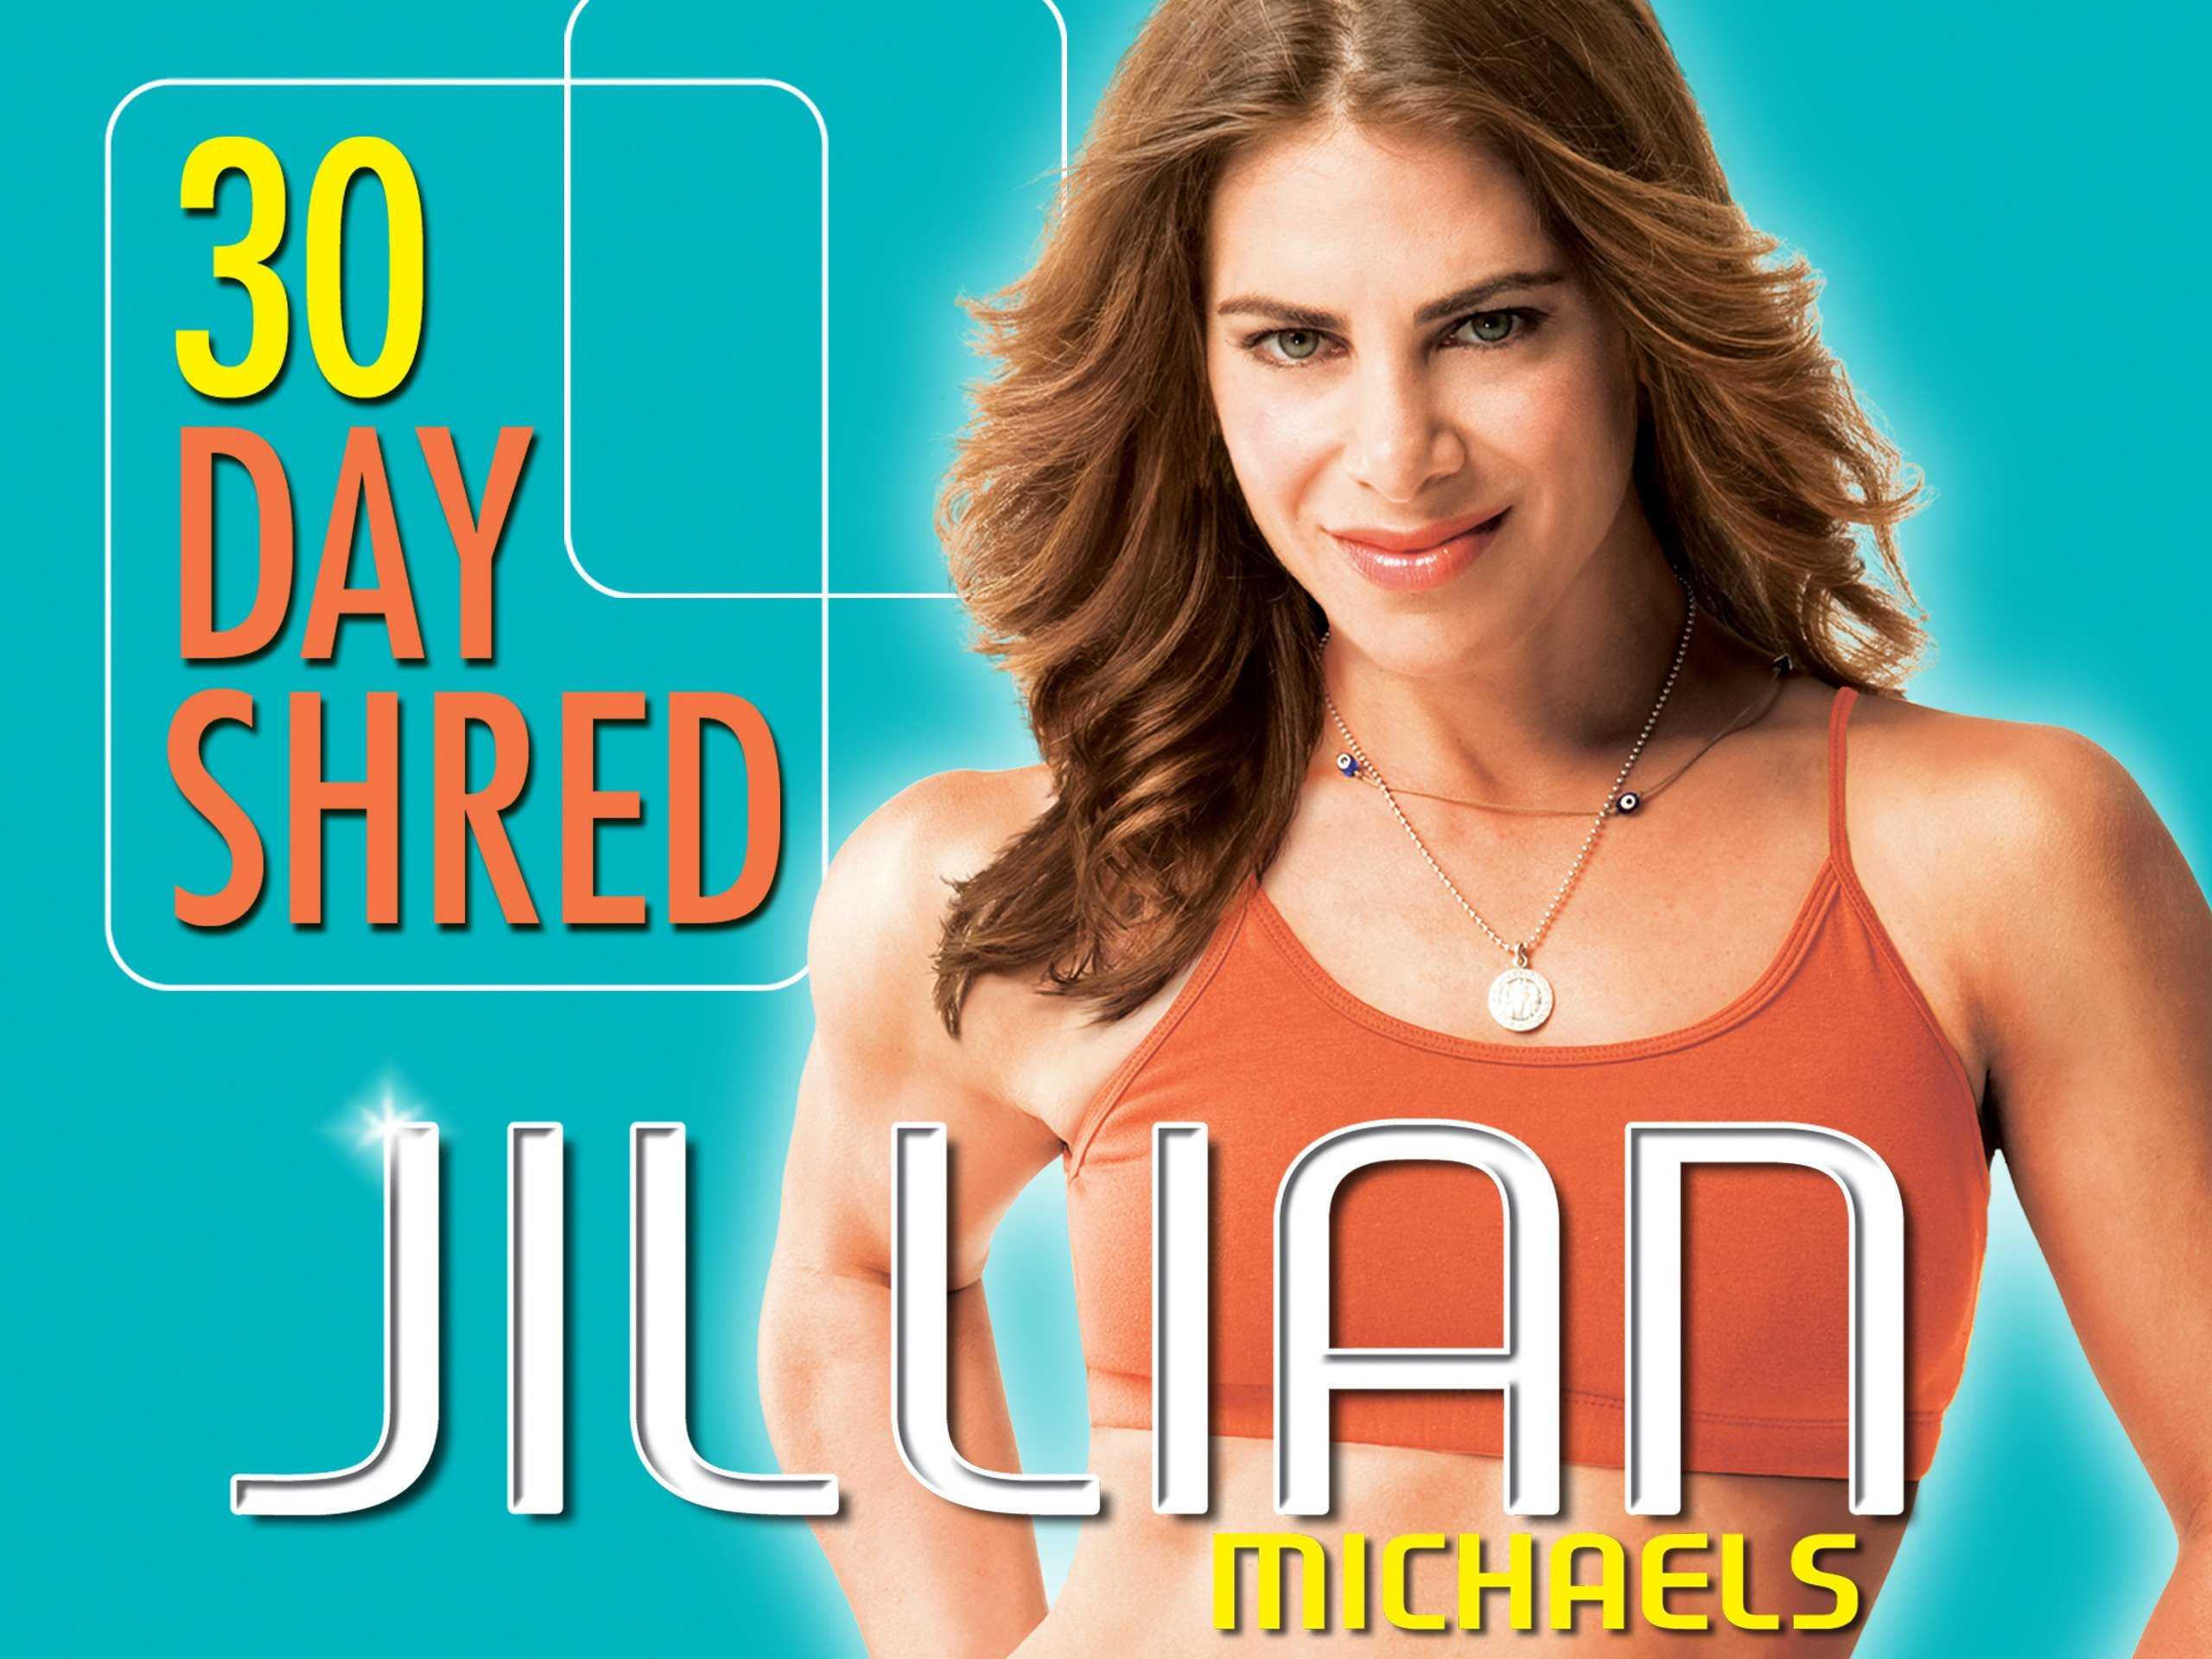 Джиллиан майклс: стройная фигура за 30 дней (30 day shred)